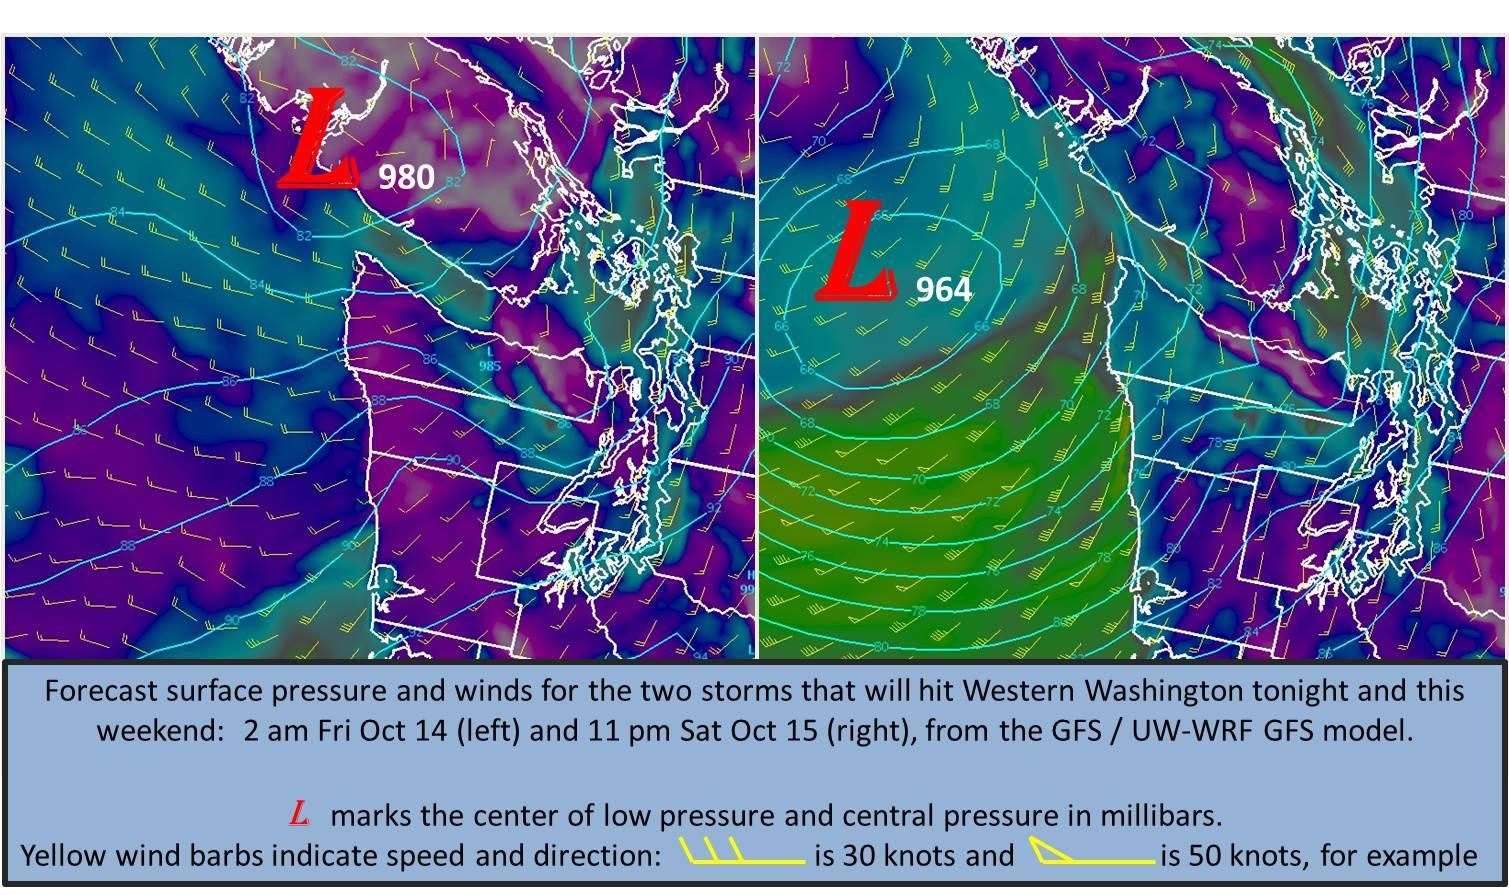 Big wind for WA. image: noaa, seattle wa today